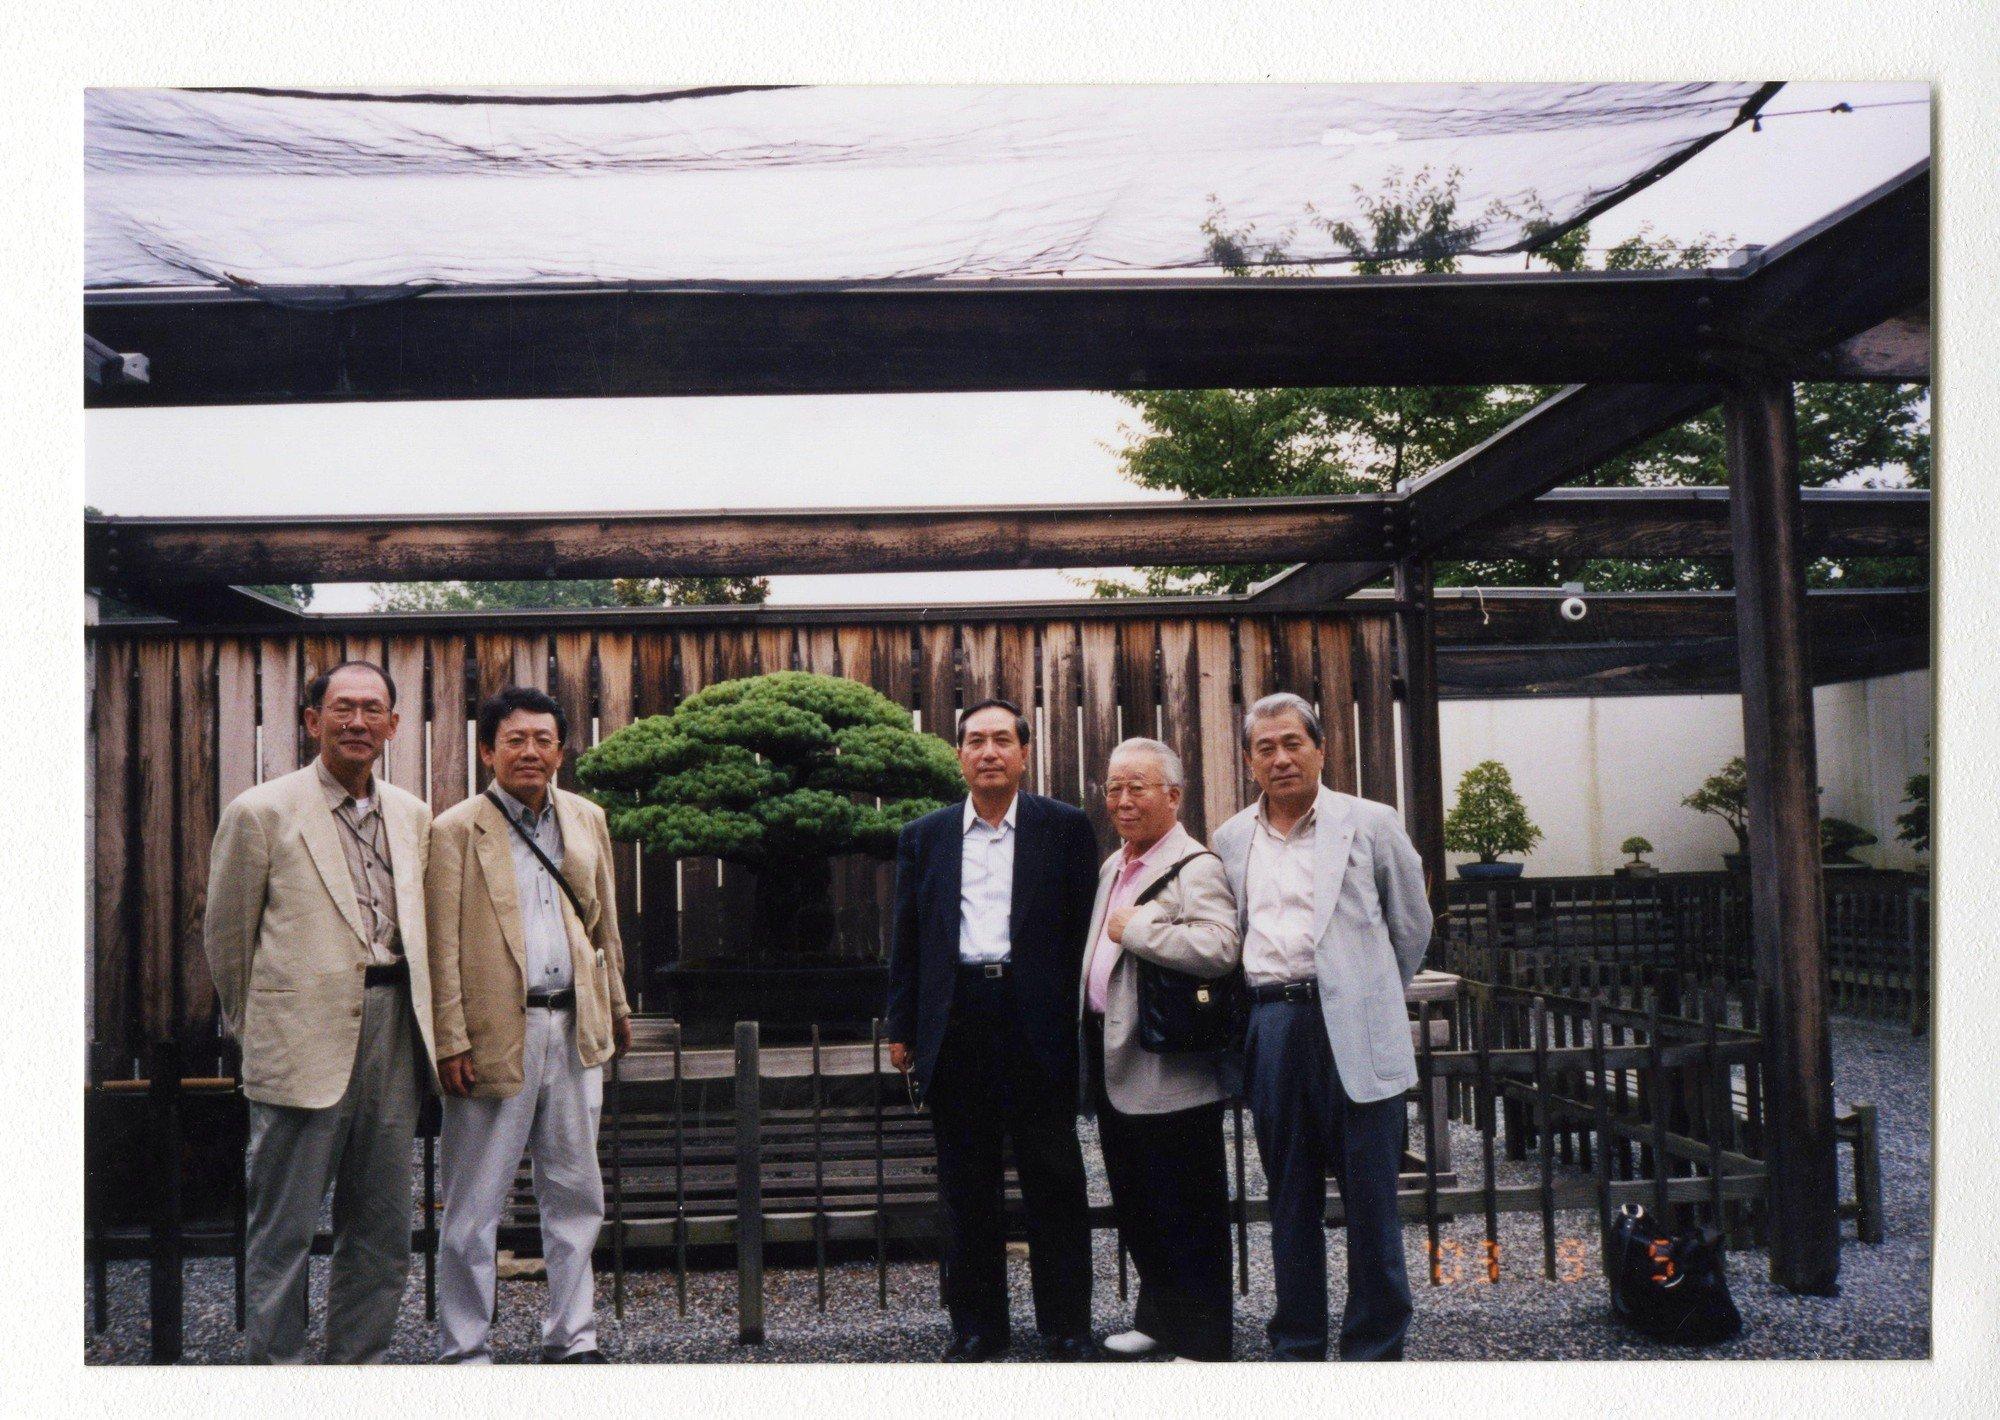 Câu chuyện của cây bonsai Nhật Bản 400 tuổi vẫn sống sót sau khi bom nguyên tử thả xuống Hiroshima - Ảnh 9.